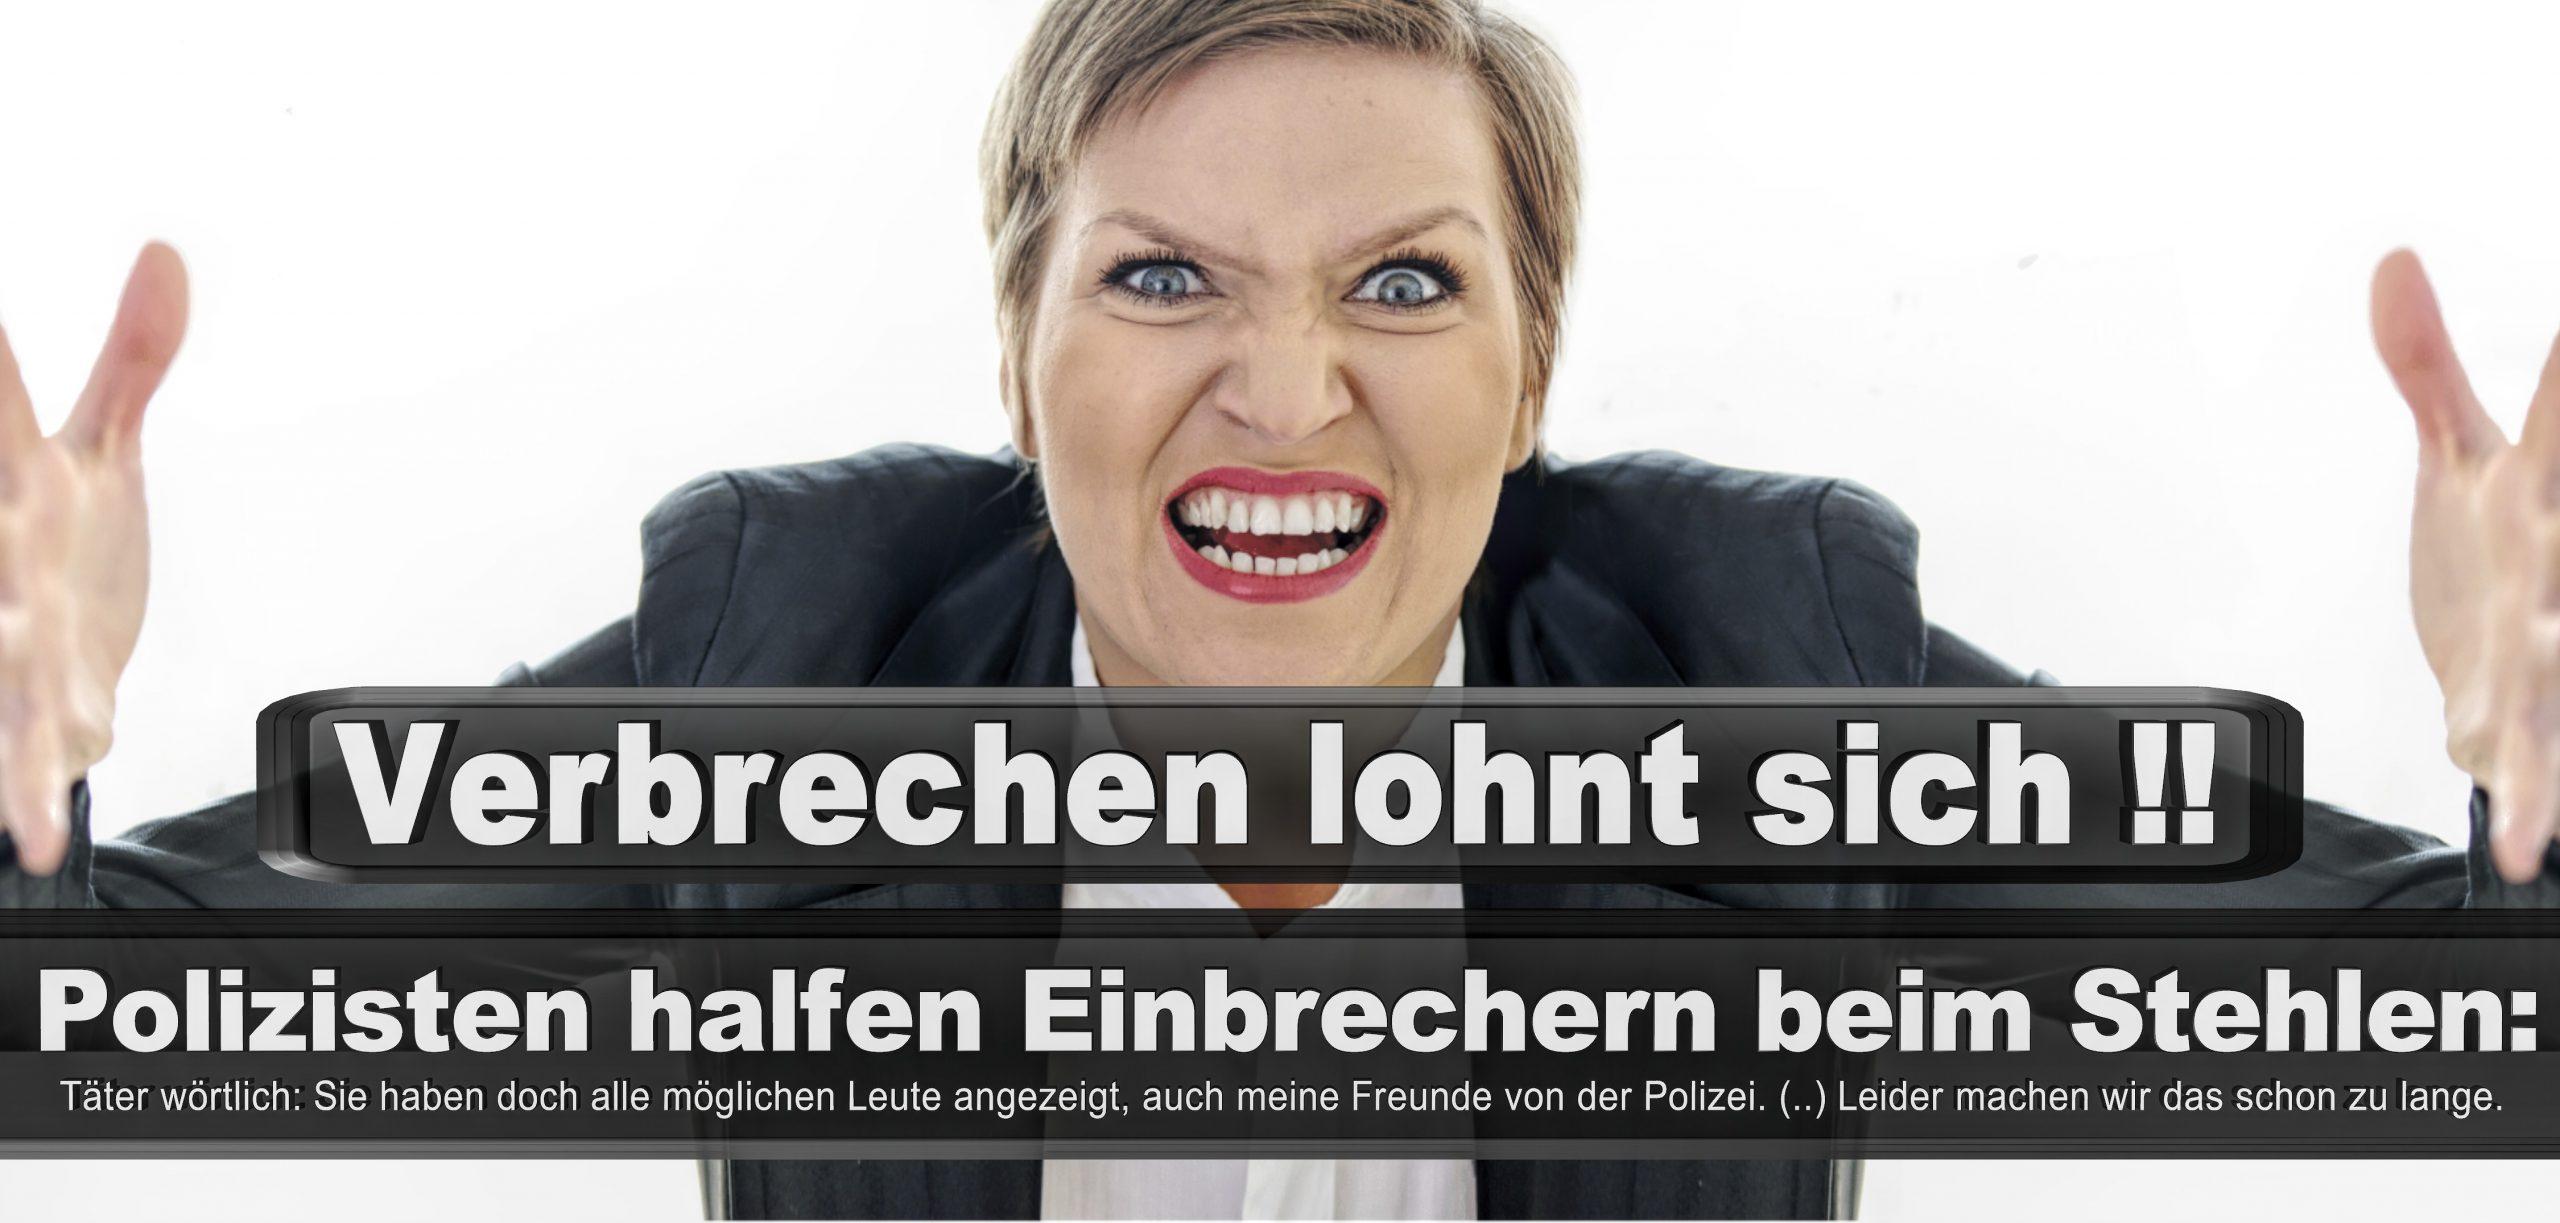 Bundestagswahl 2021 Wahlplakate CDU SPD FDP AFD Grüne Linke Stimmzettel Prognose Umfrage Kandidaten Parteien Datum (38)